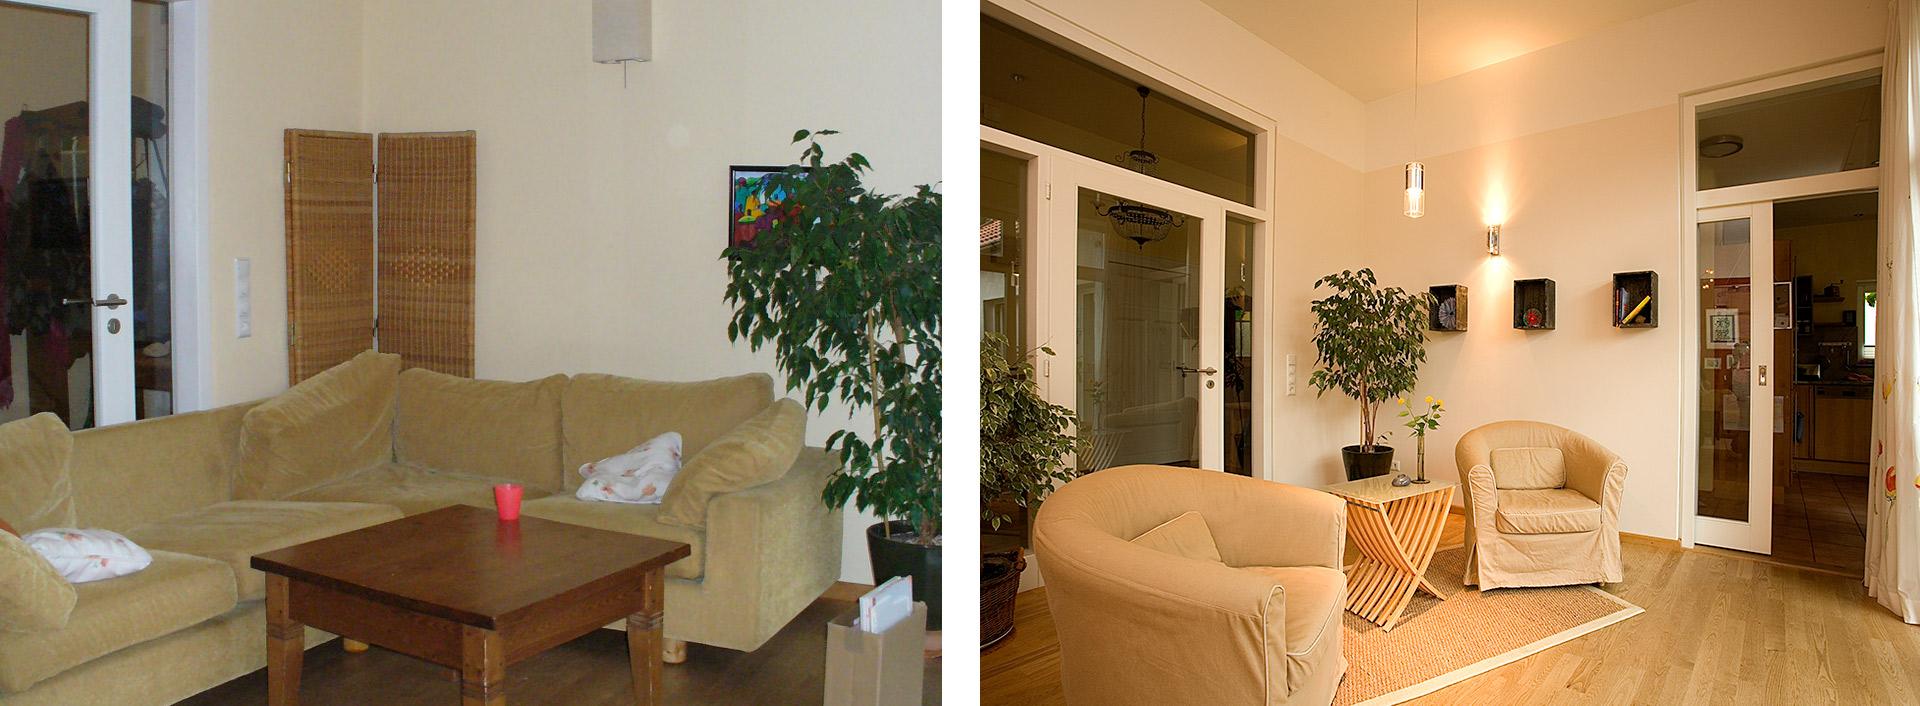 Vorher-Nachher-Wohnzimmer